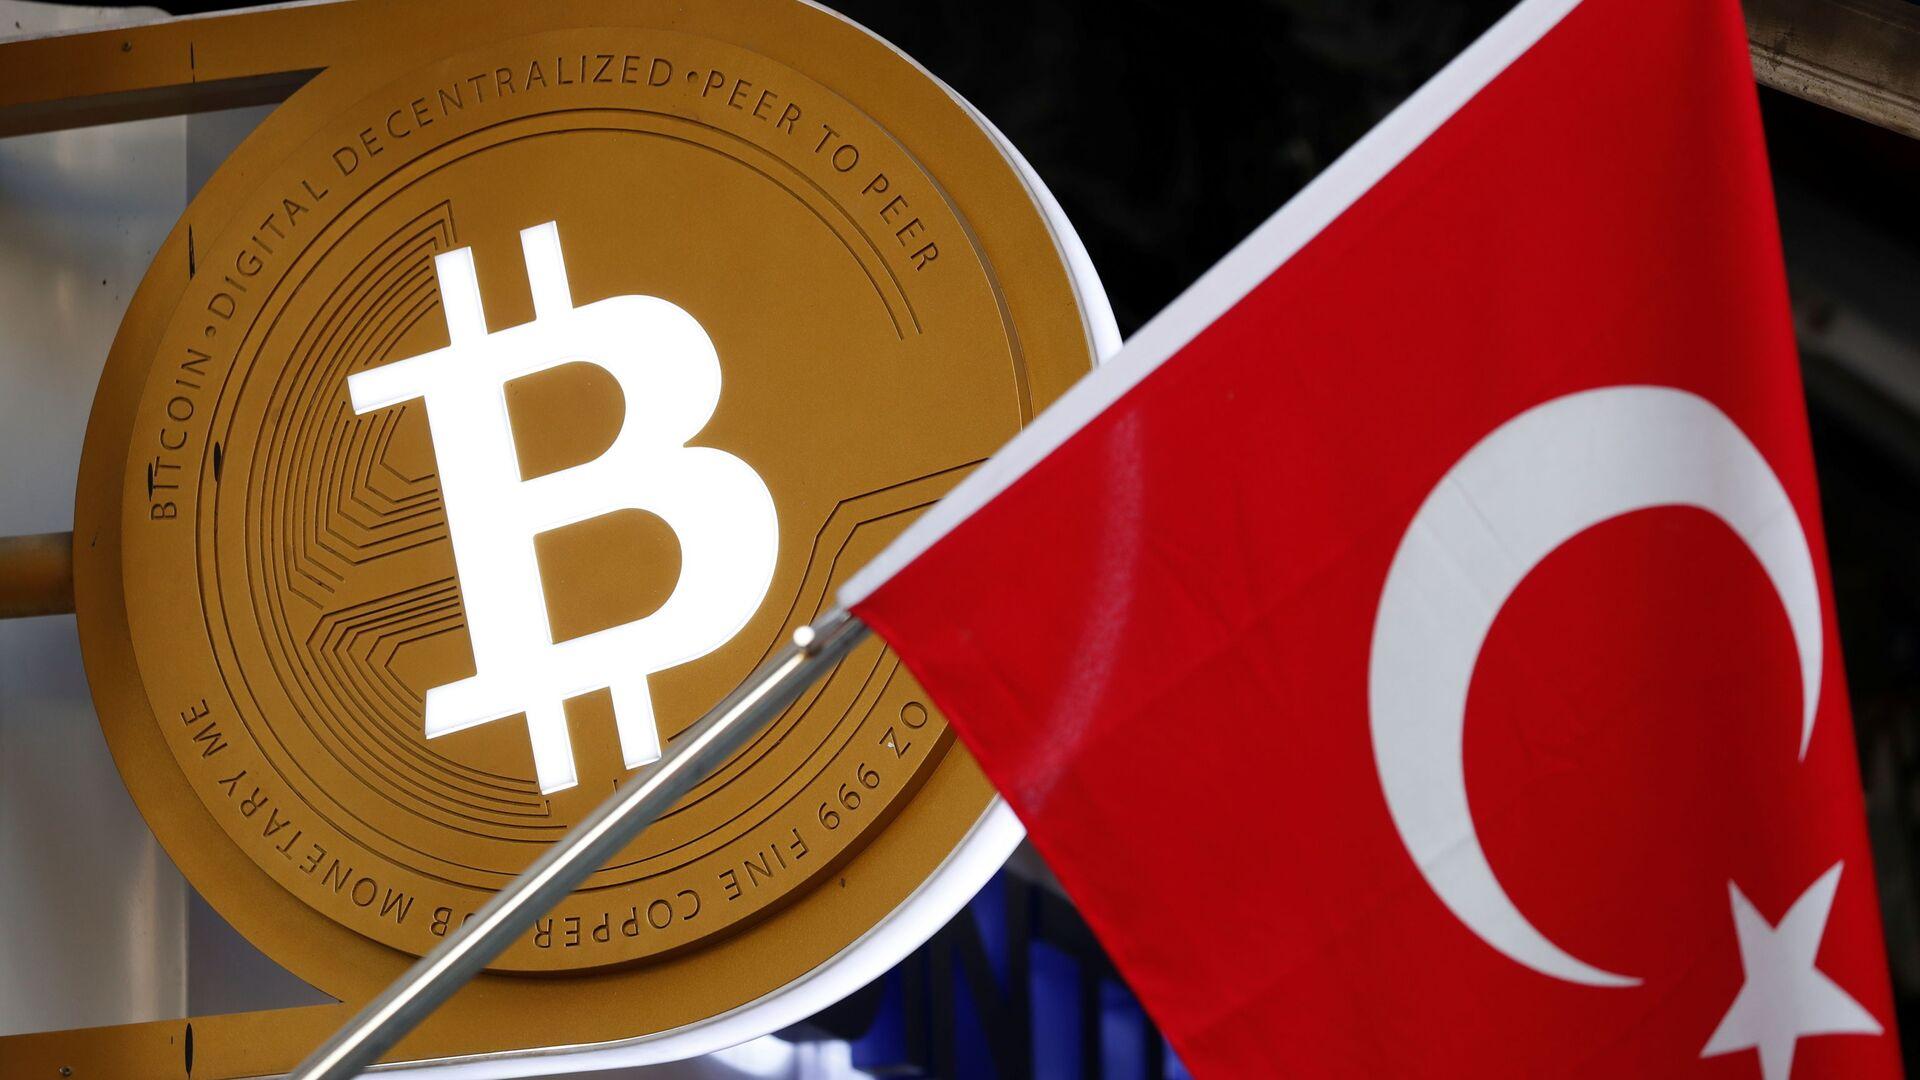 kripto para - bitcoin - türkiye - Sputnik Türkiye, 1920, 22.09.2021